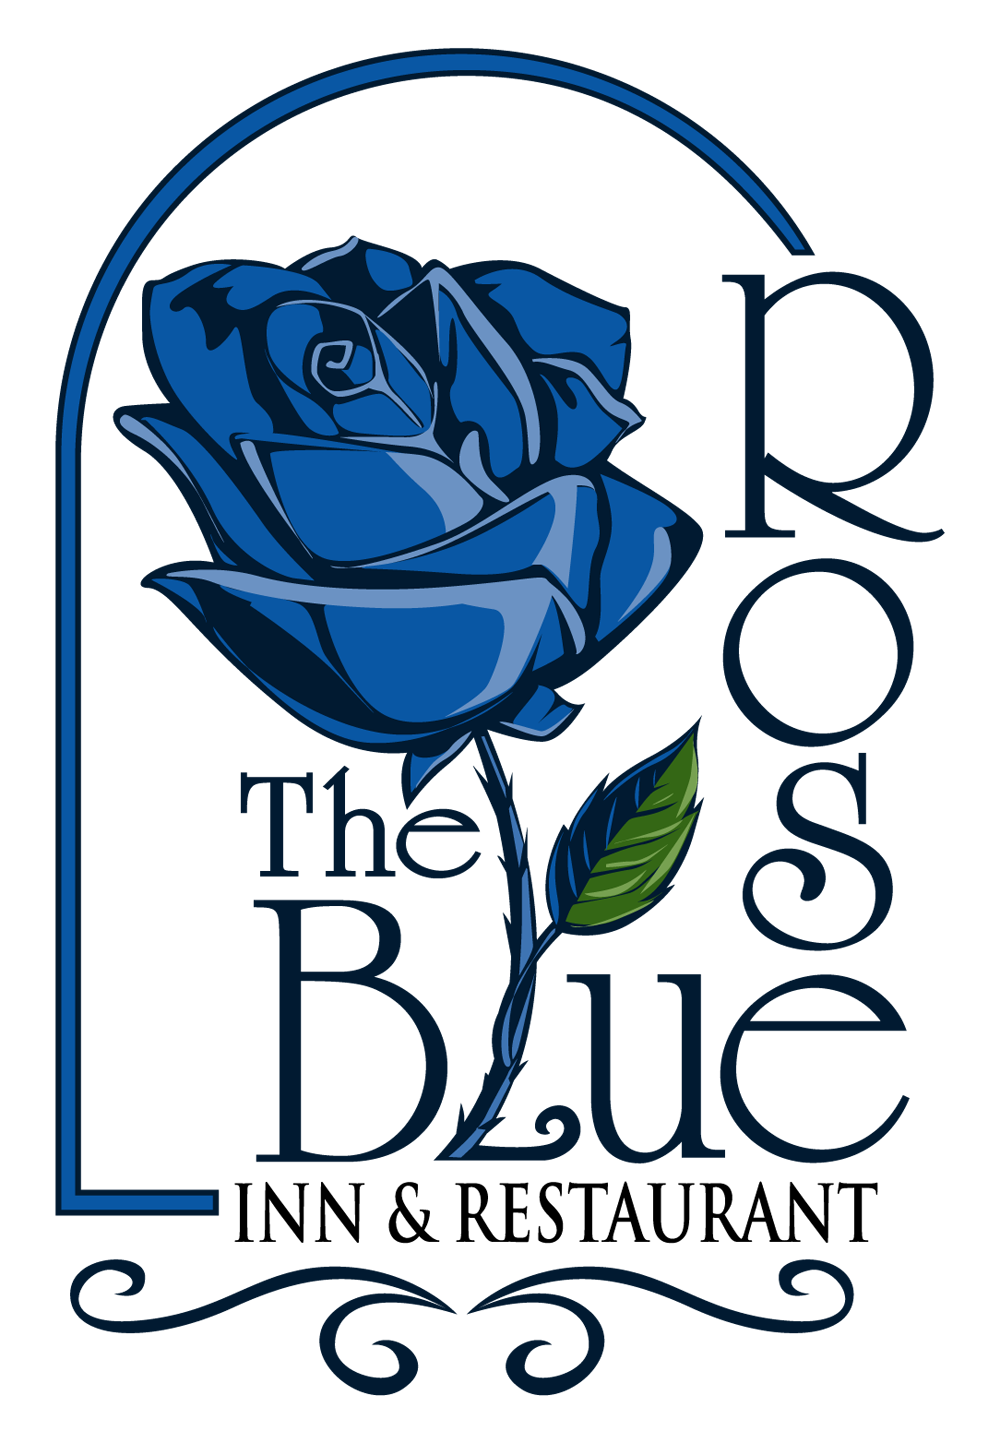 The Blue Rose Inn